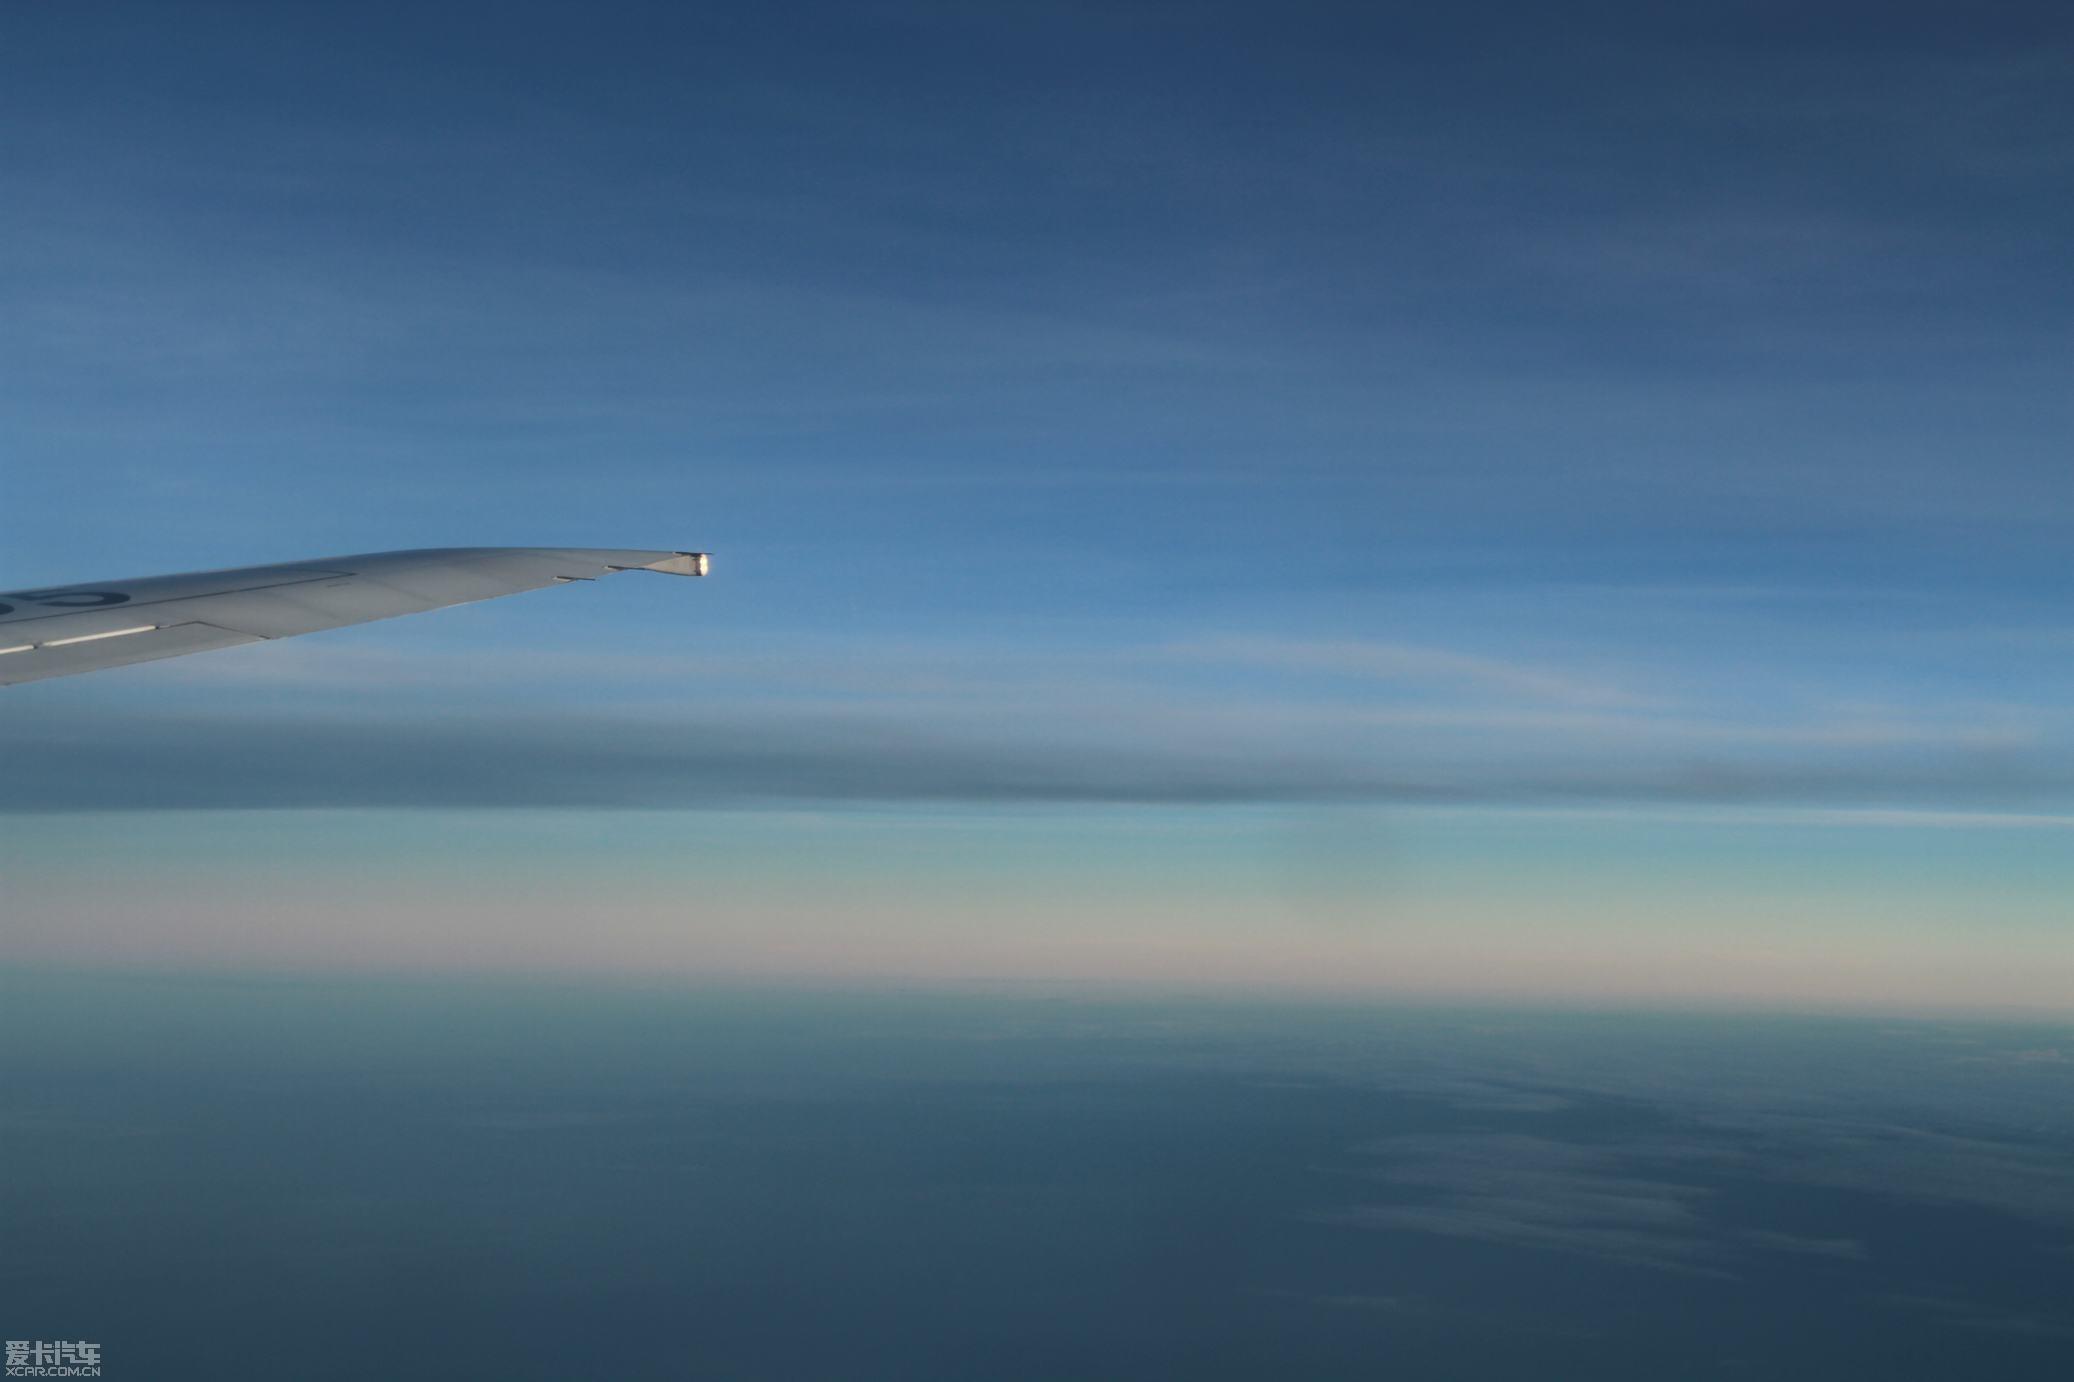 我迅速觉察到,我们的飞机正在逆向(与地球自转方向相反)飞越晨昏线,也